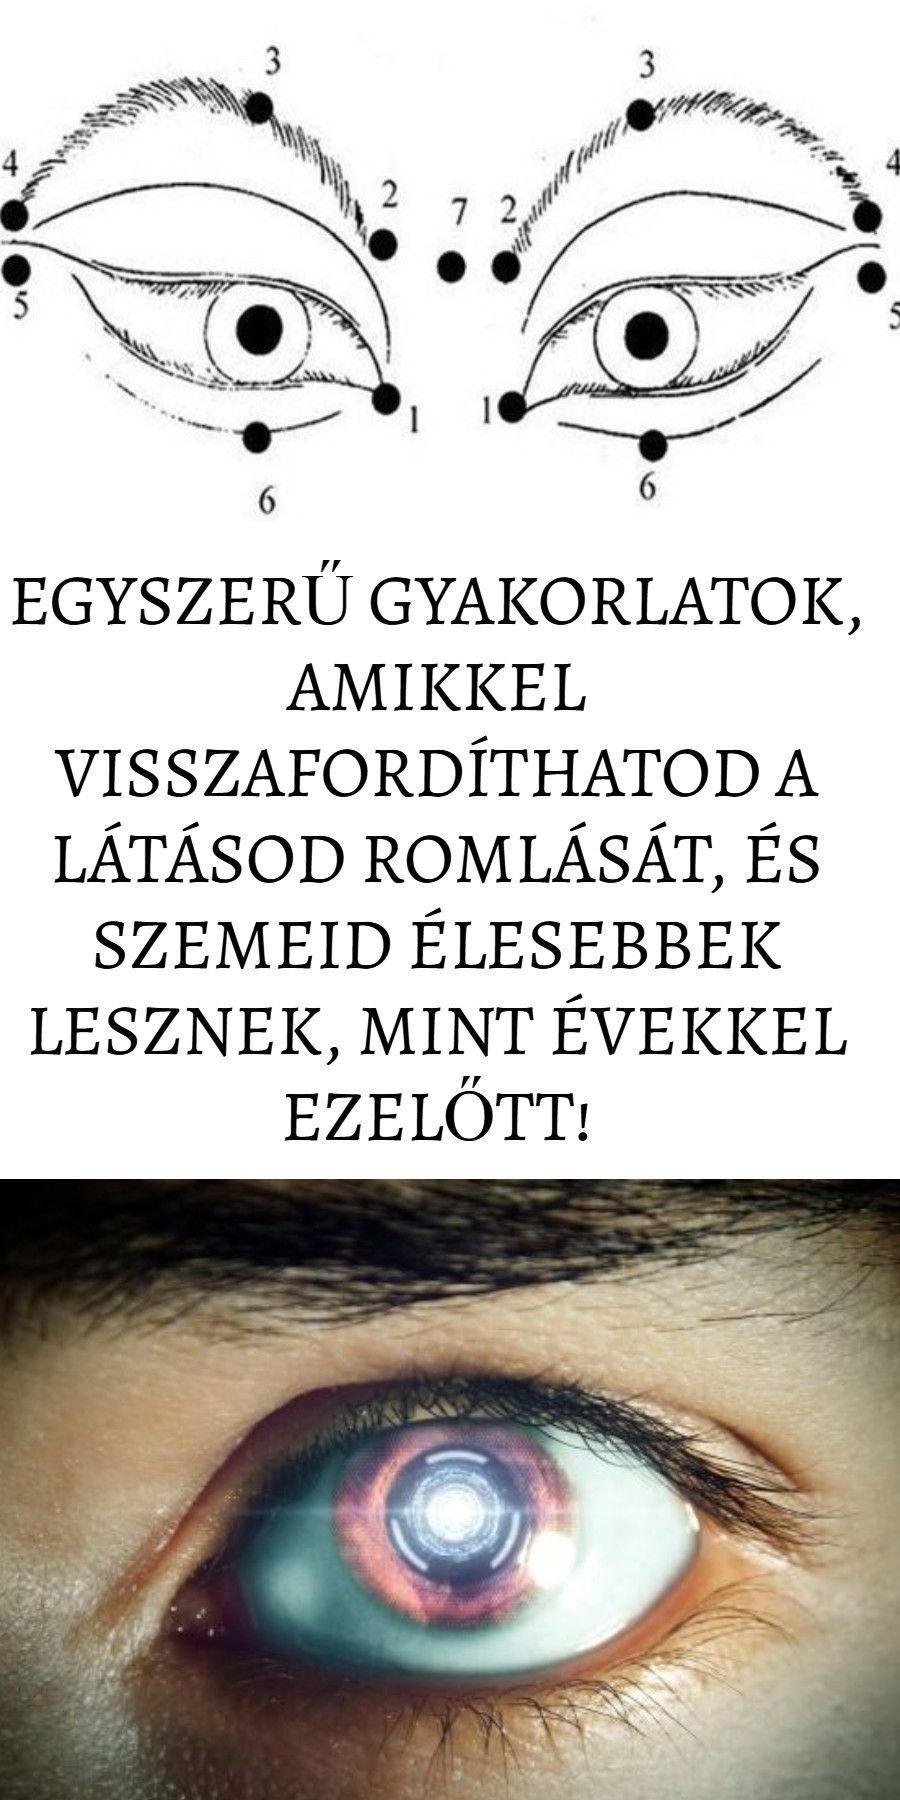 a látás romlott plusz)